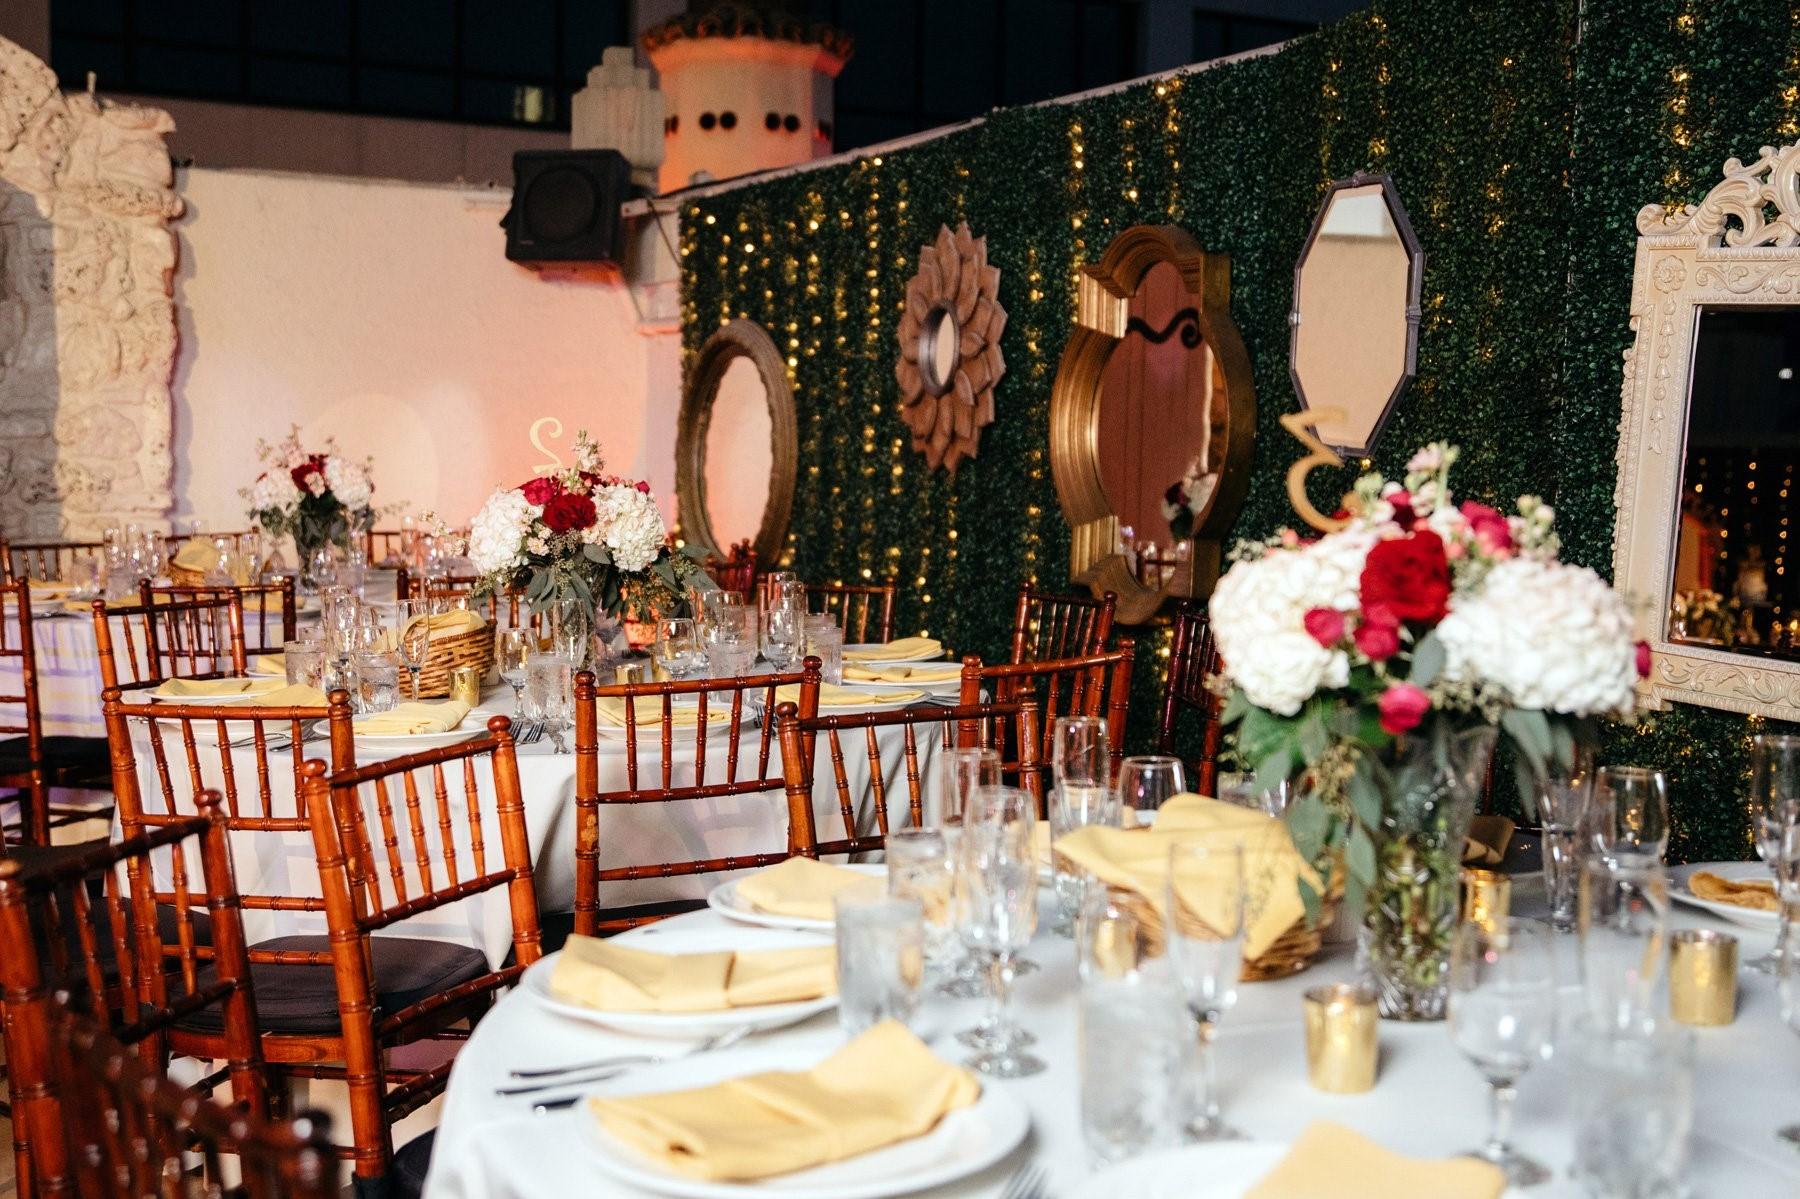 Choisissez All Seated - le meilleur logiciel de planification de mariage.